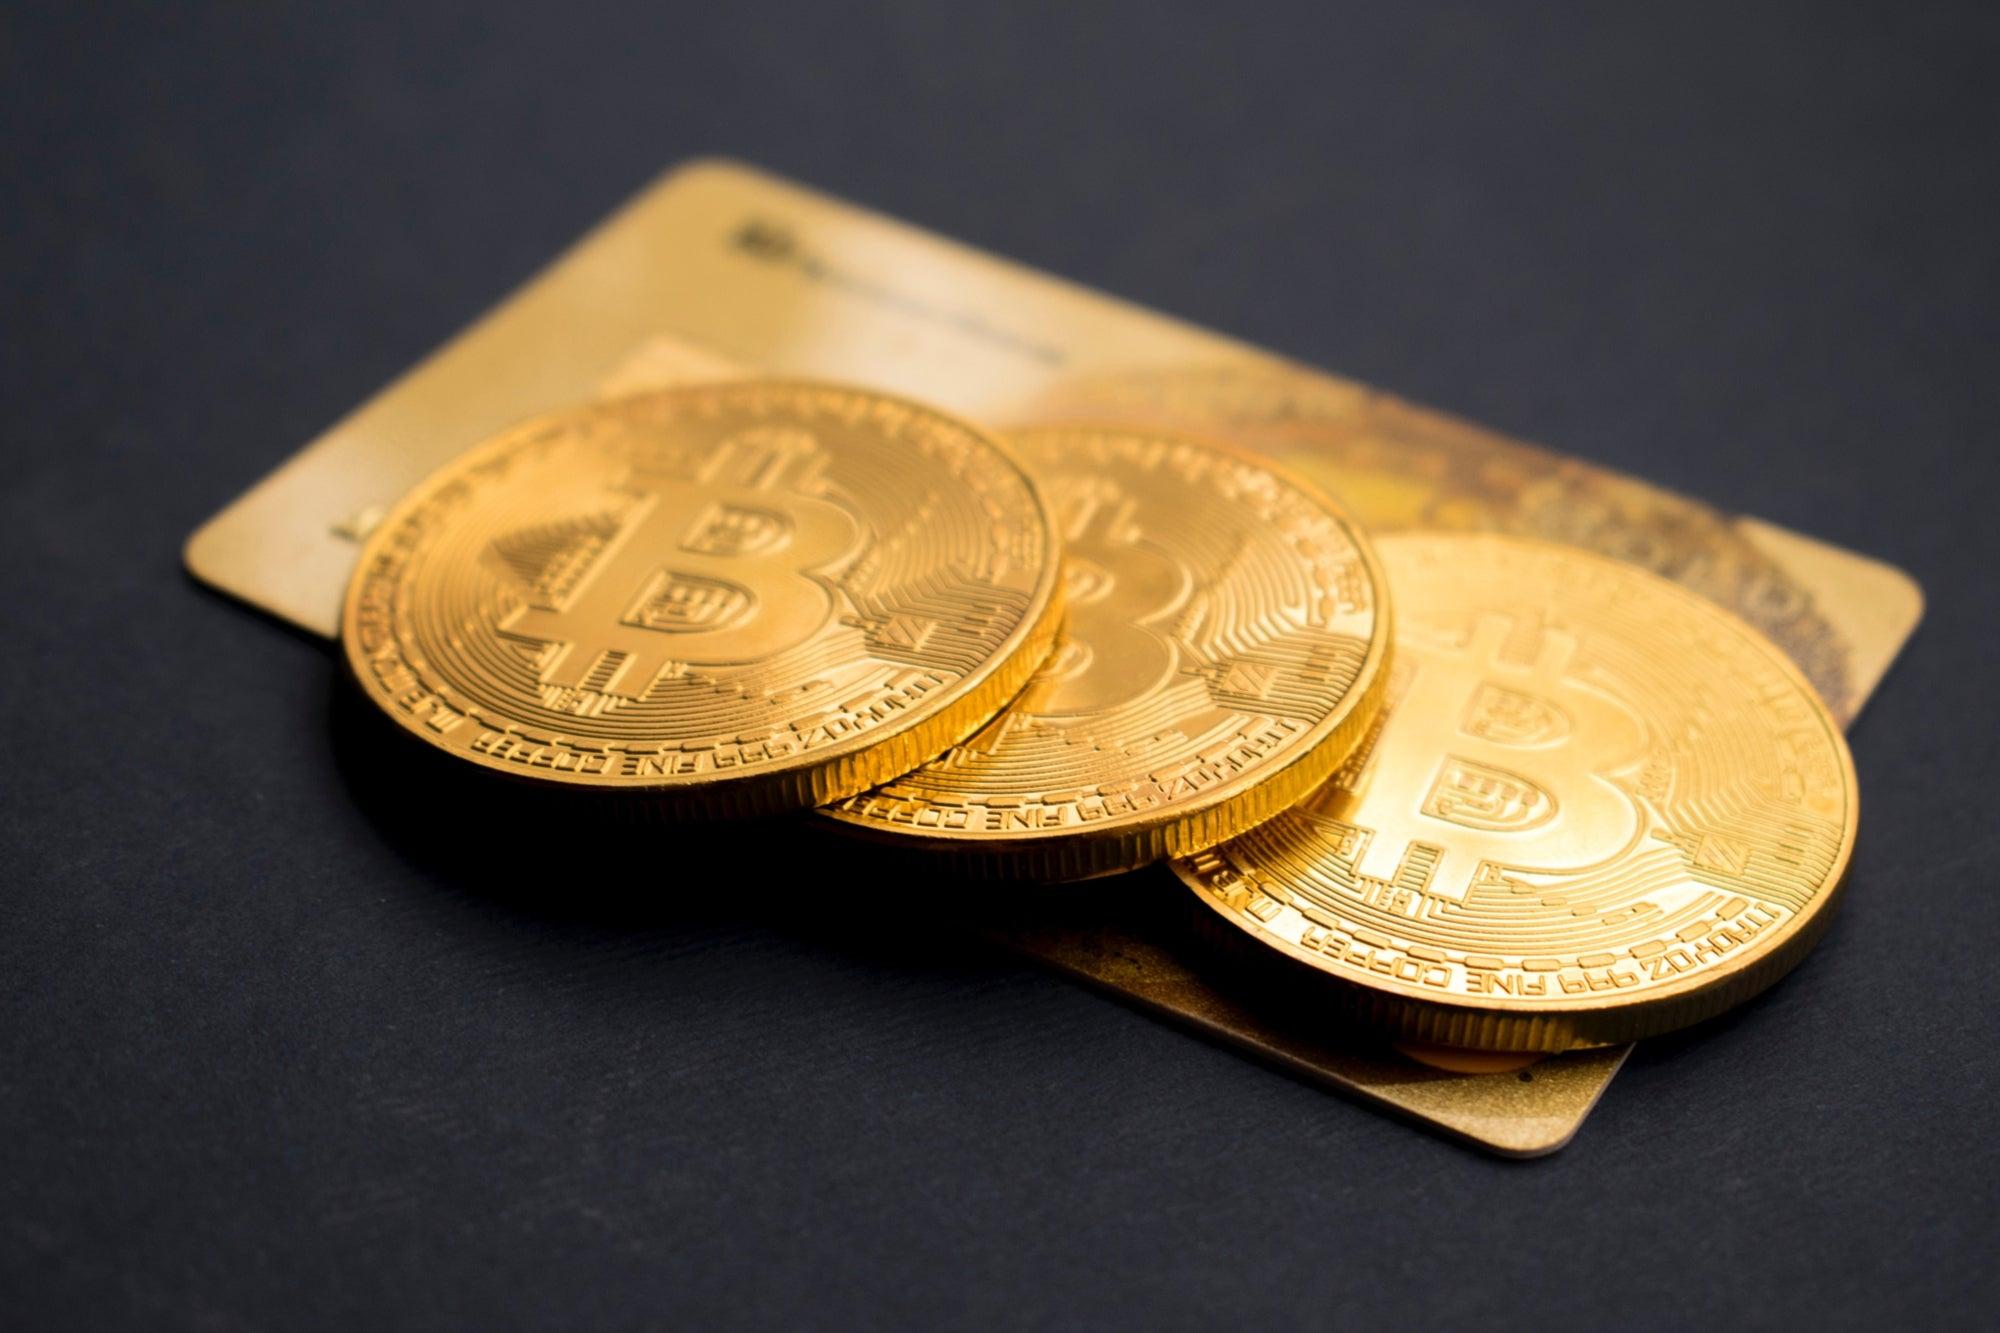 todo lo que hago es perder dinero intercambiando criptomonedas ¿por qué está bajando bitcoin?